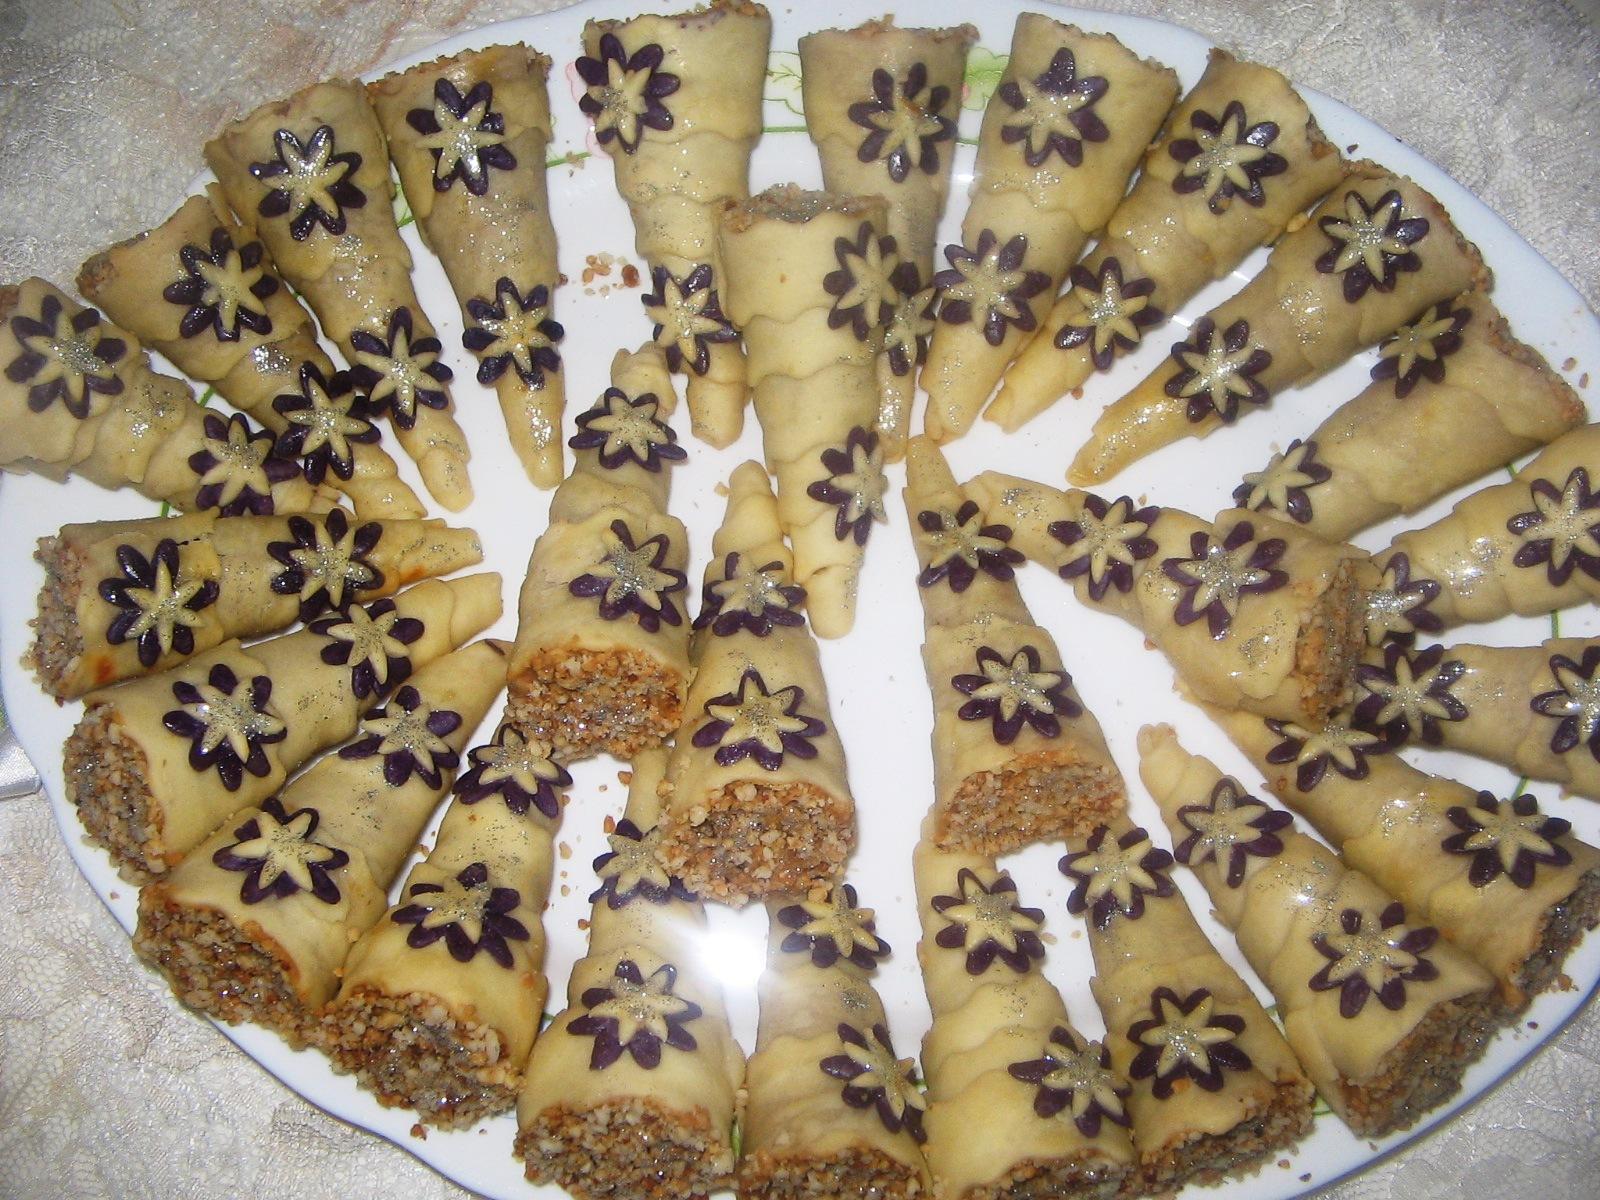 بالصور حلويات جزائرية بسيطة بالصور , شاهد بالصور اروع الحلويات الجزائرية 2041